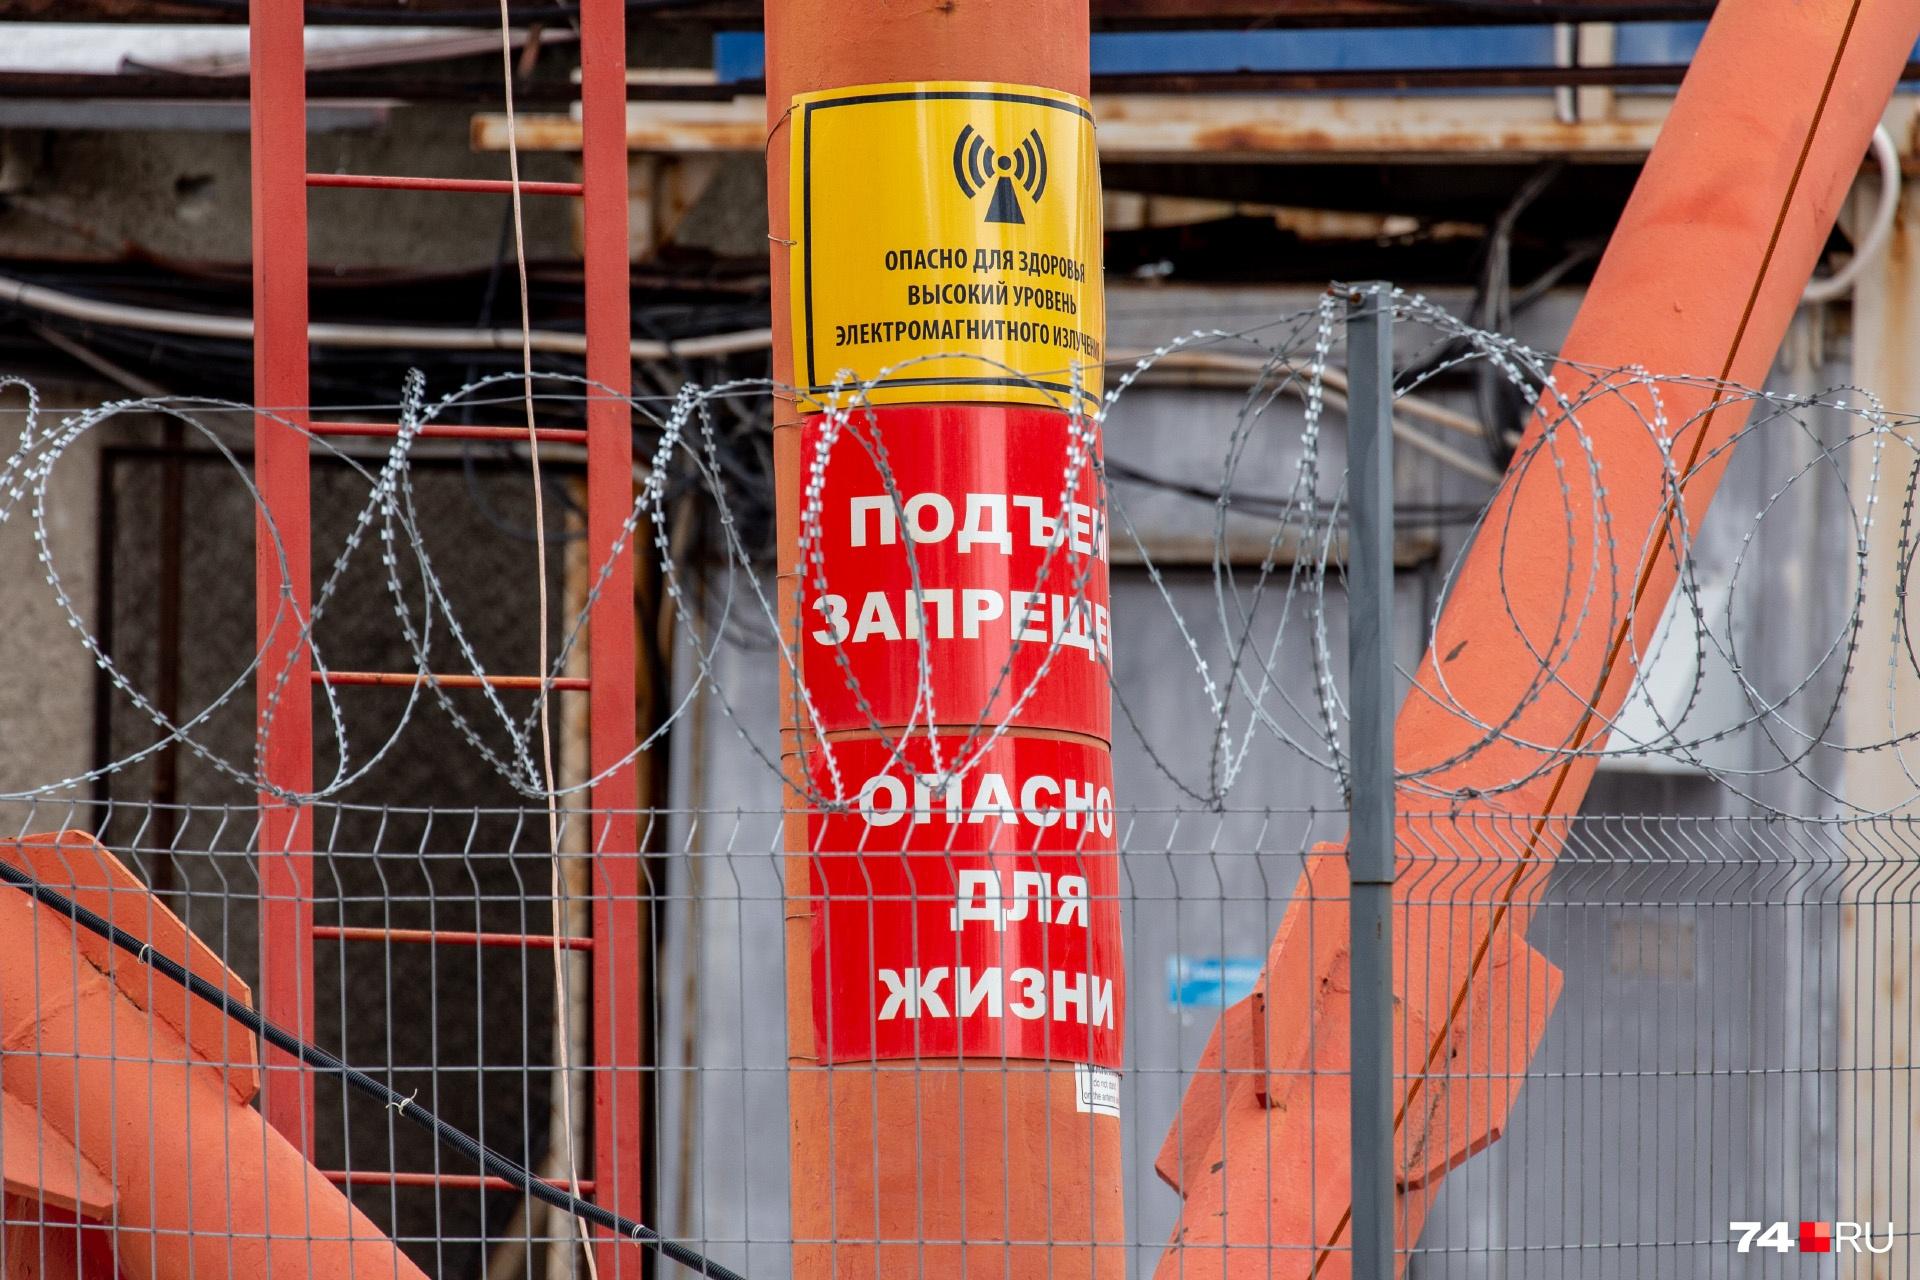 Вход на режимный объект разрешён только инженерам со специальным допуском